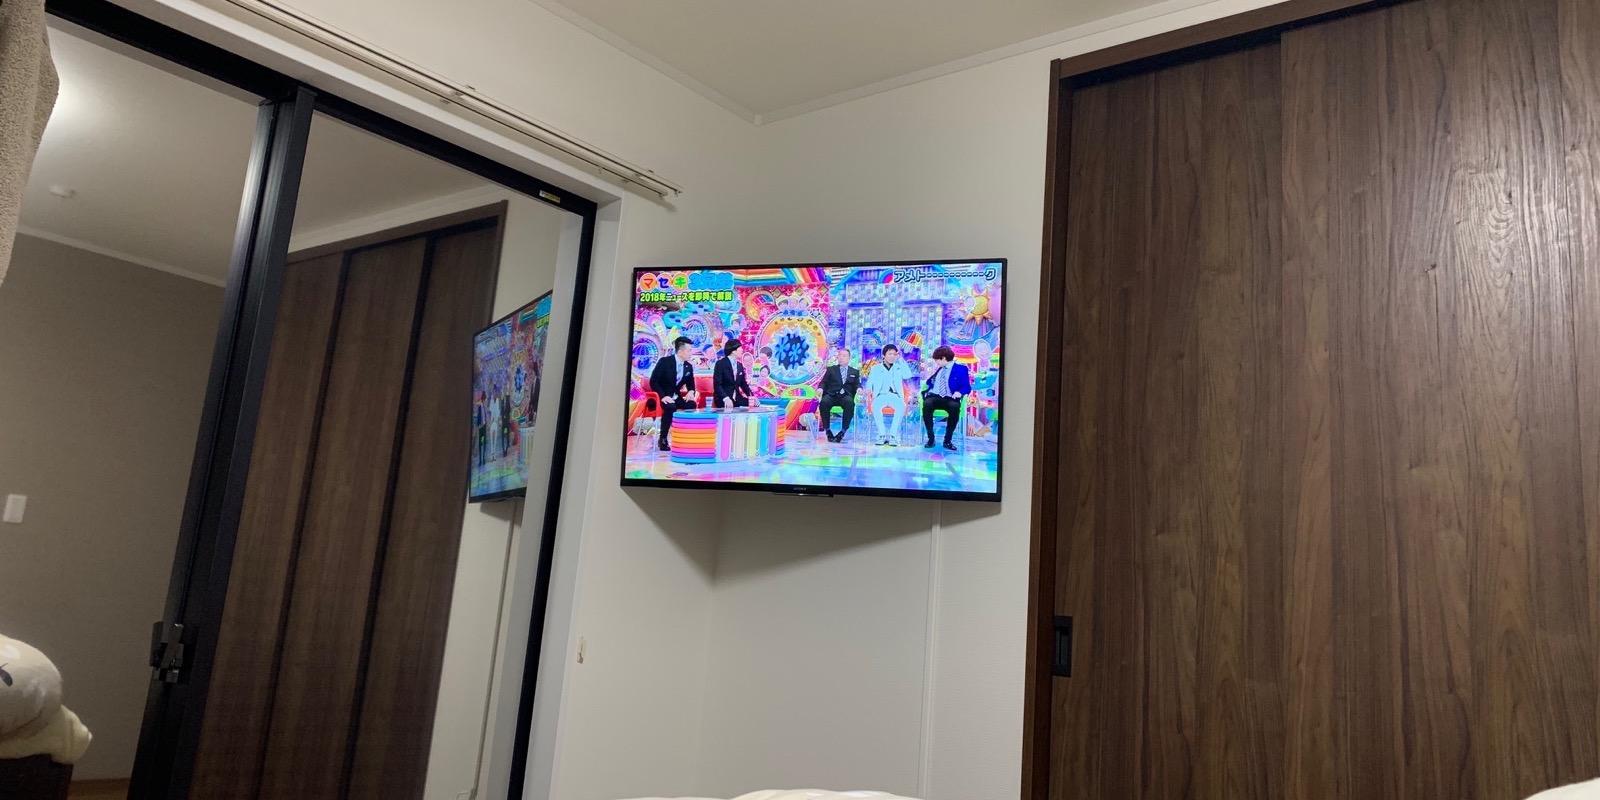 テレビをDIYで壁掛けしてみた|5千円でできる43インチ用の金具はコレ!